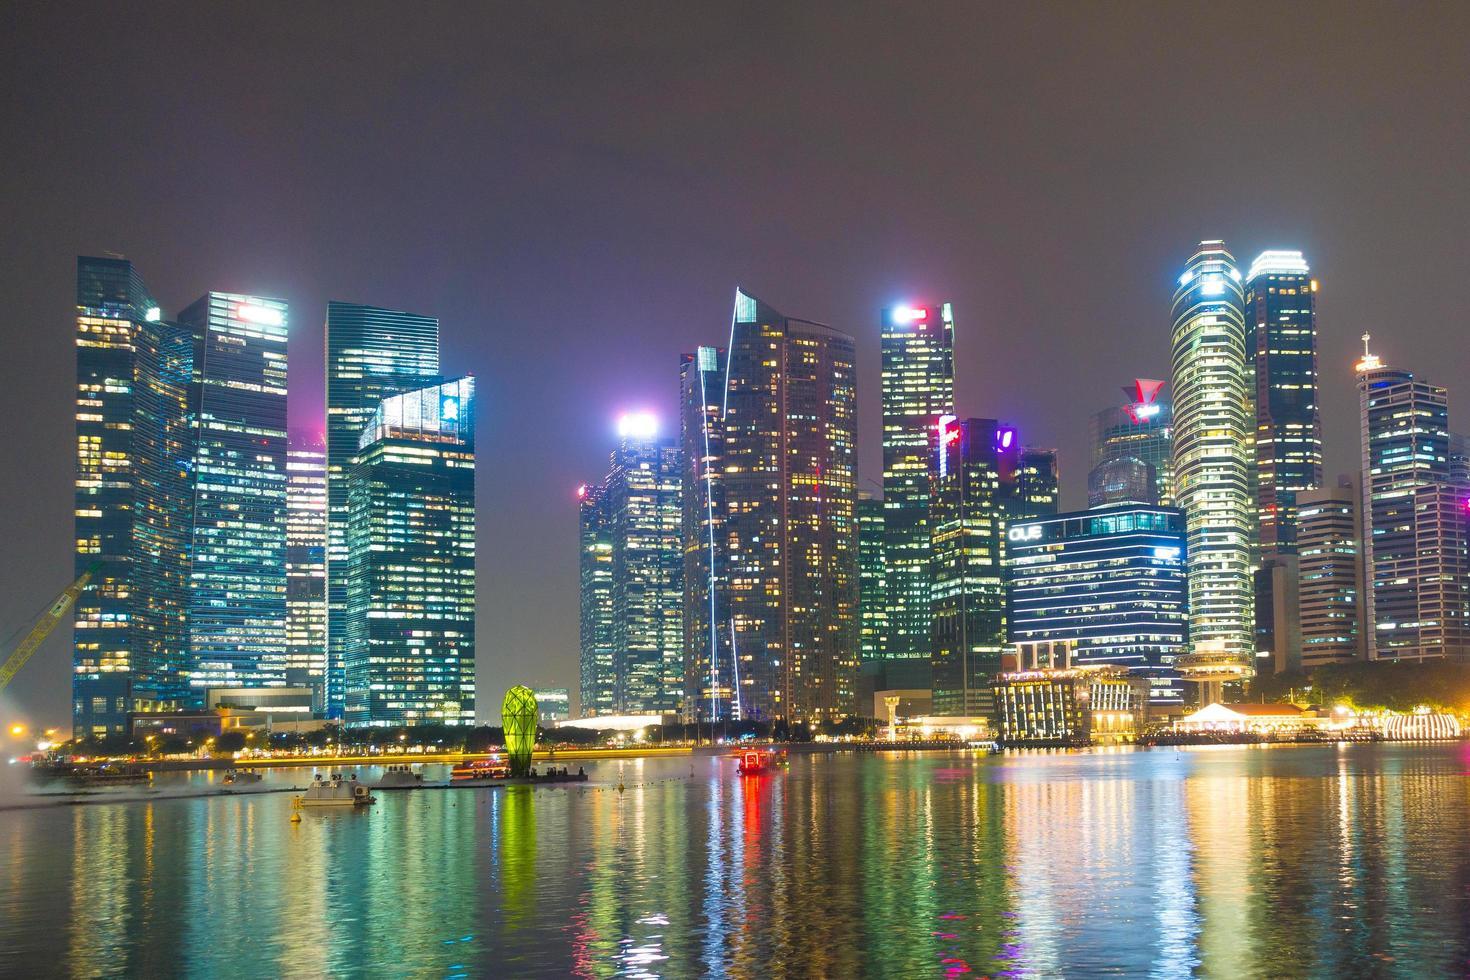 grattacieli nella città di singapore foto